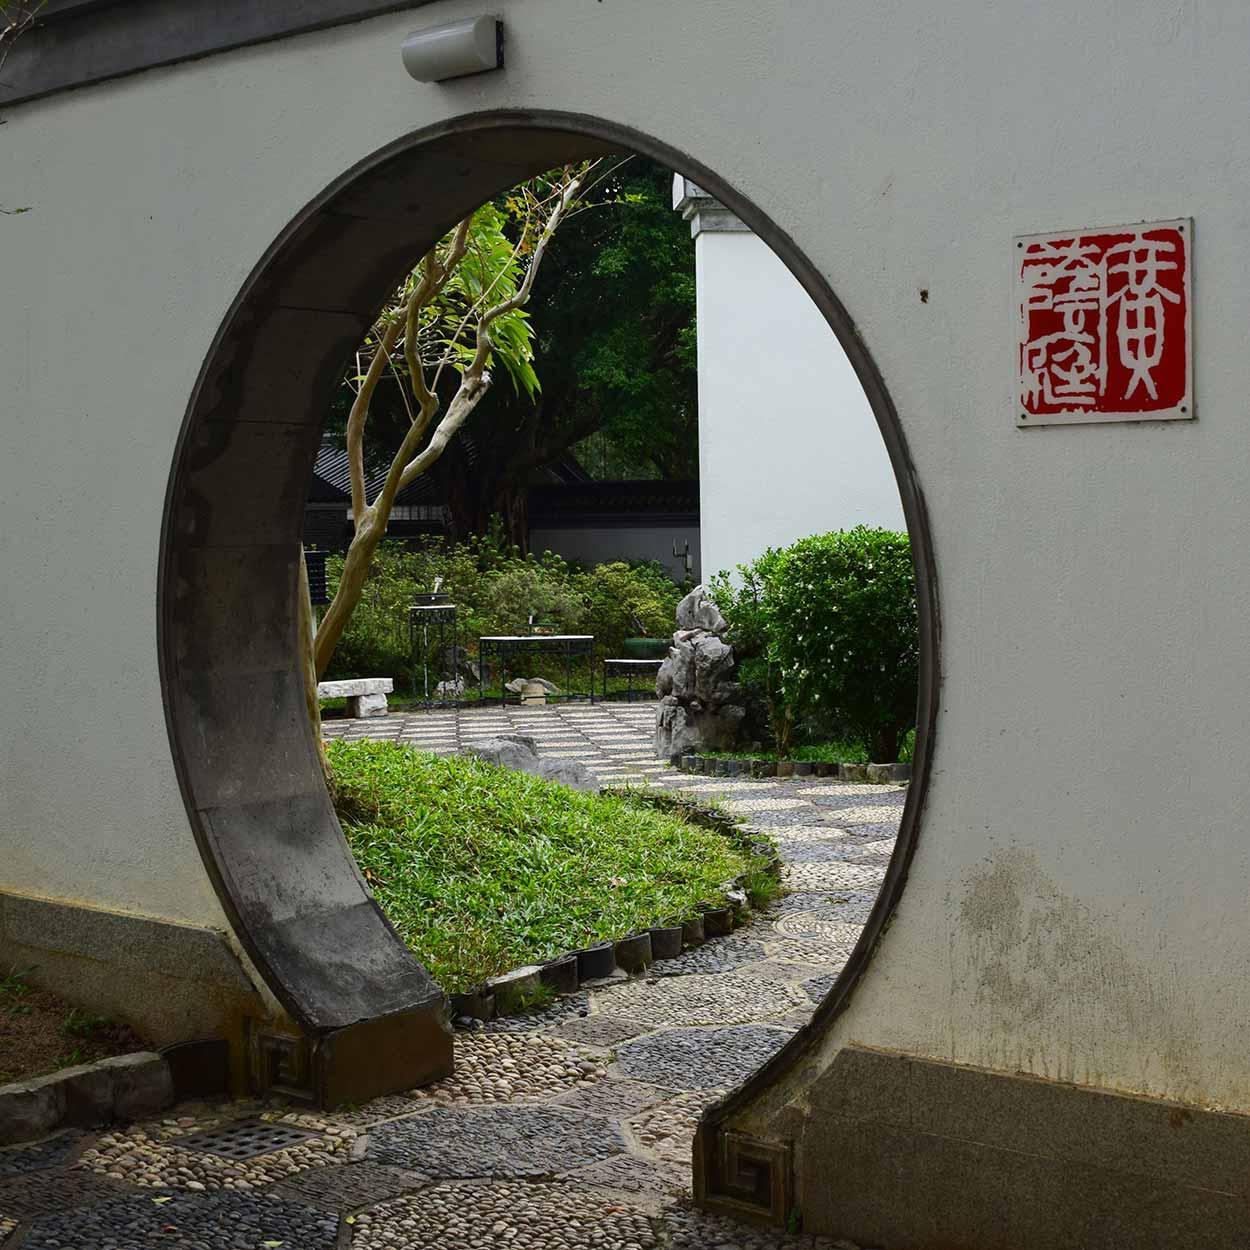 Passageway through the wall, Kowloon Walled City Park, Hong Kong, China